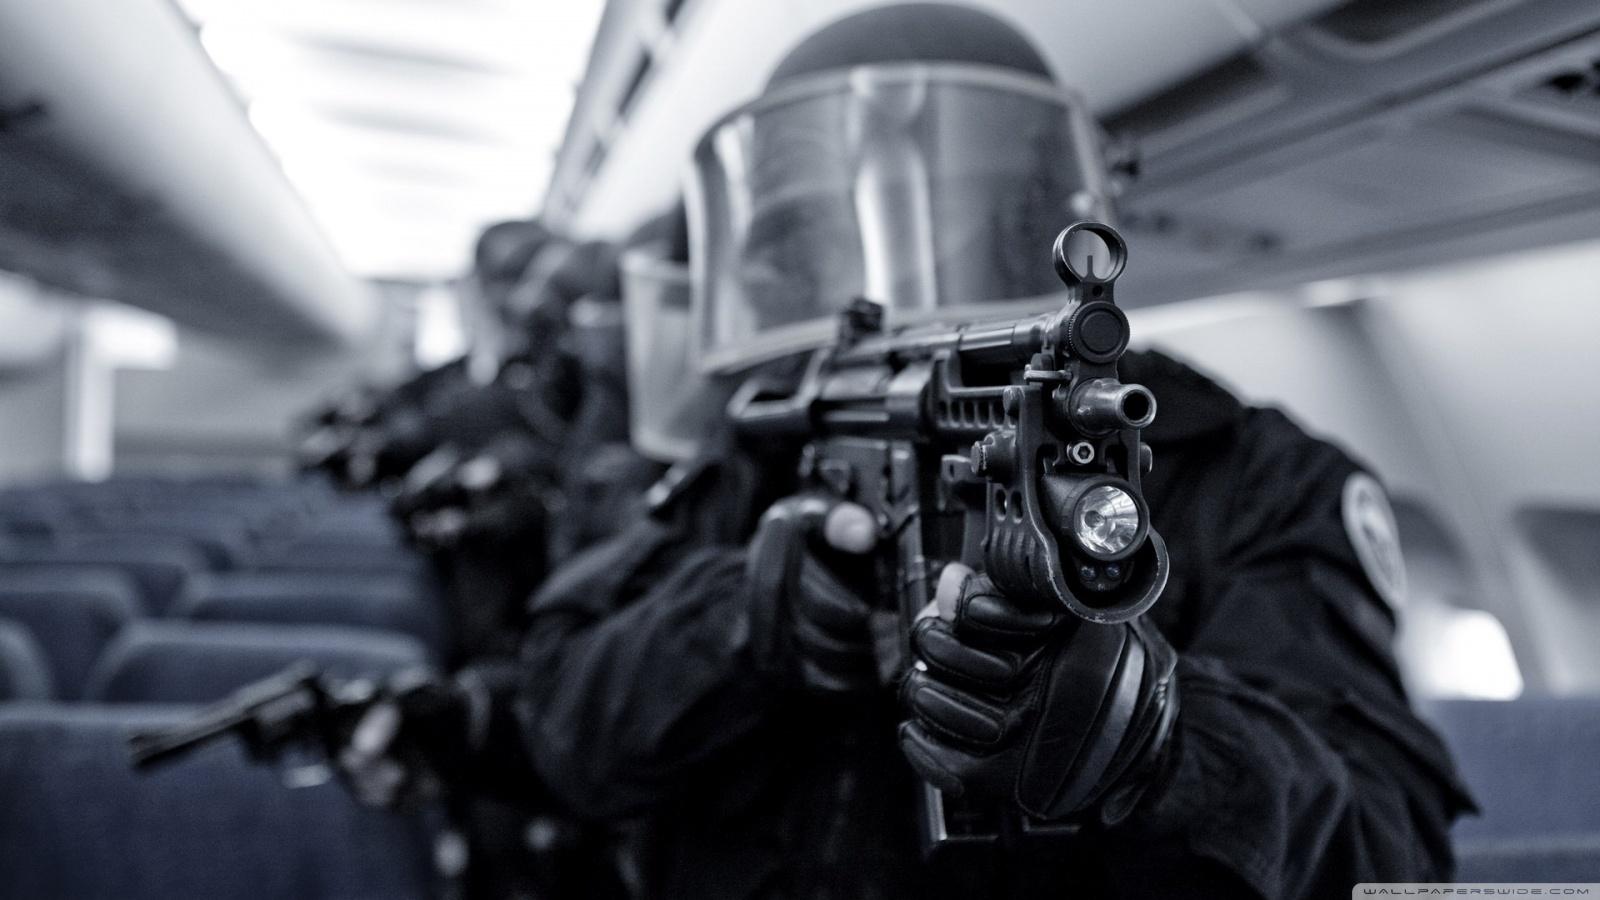 http://2.bp.blogspot.com/-qcmn43Digbc/UShclVx3nQI/AAAAAAAAASk/p7s8RTsTWac/s1600/swat_team-wallpaper-1600x900.jpg